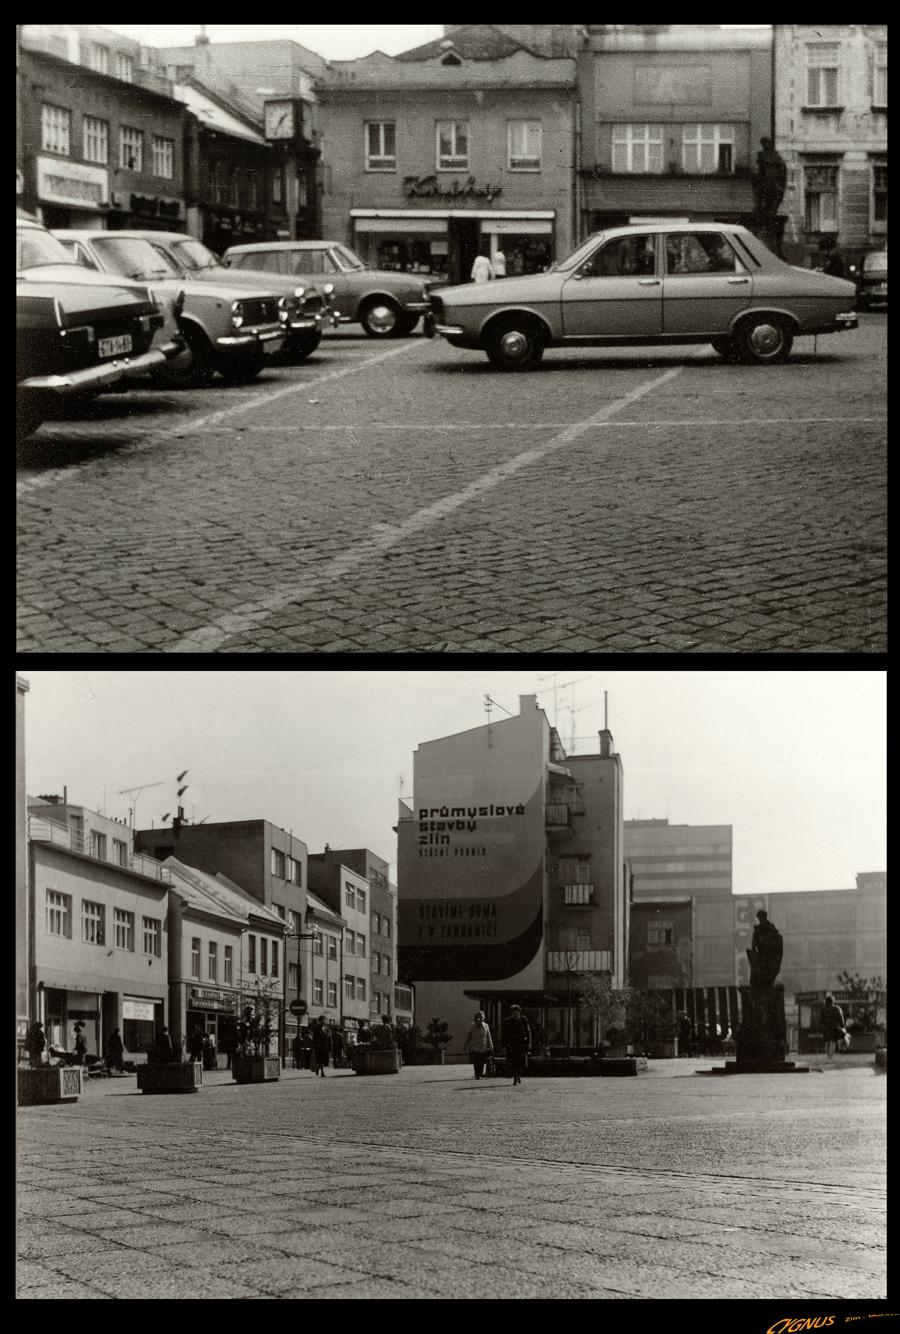 náměstí Míru - od lip do Rašínovy